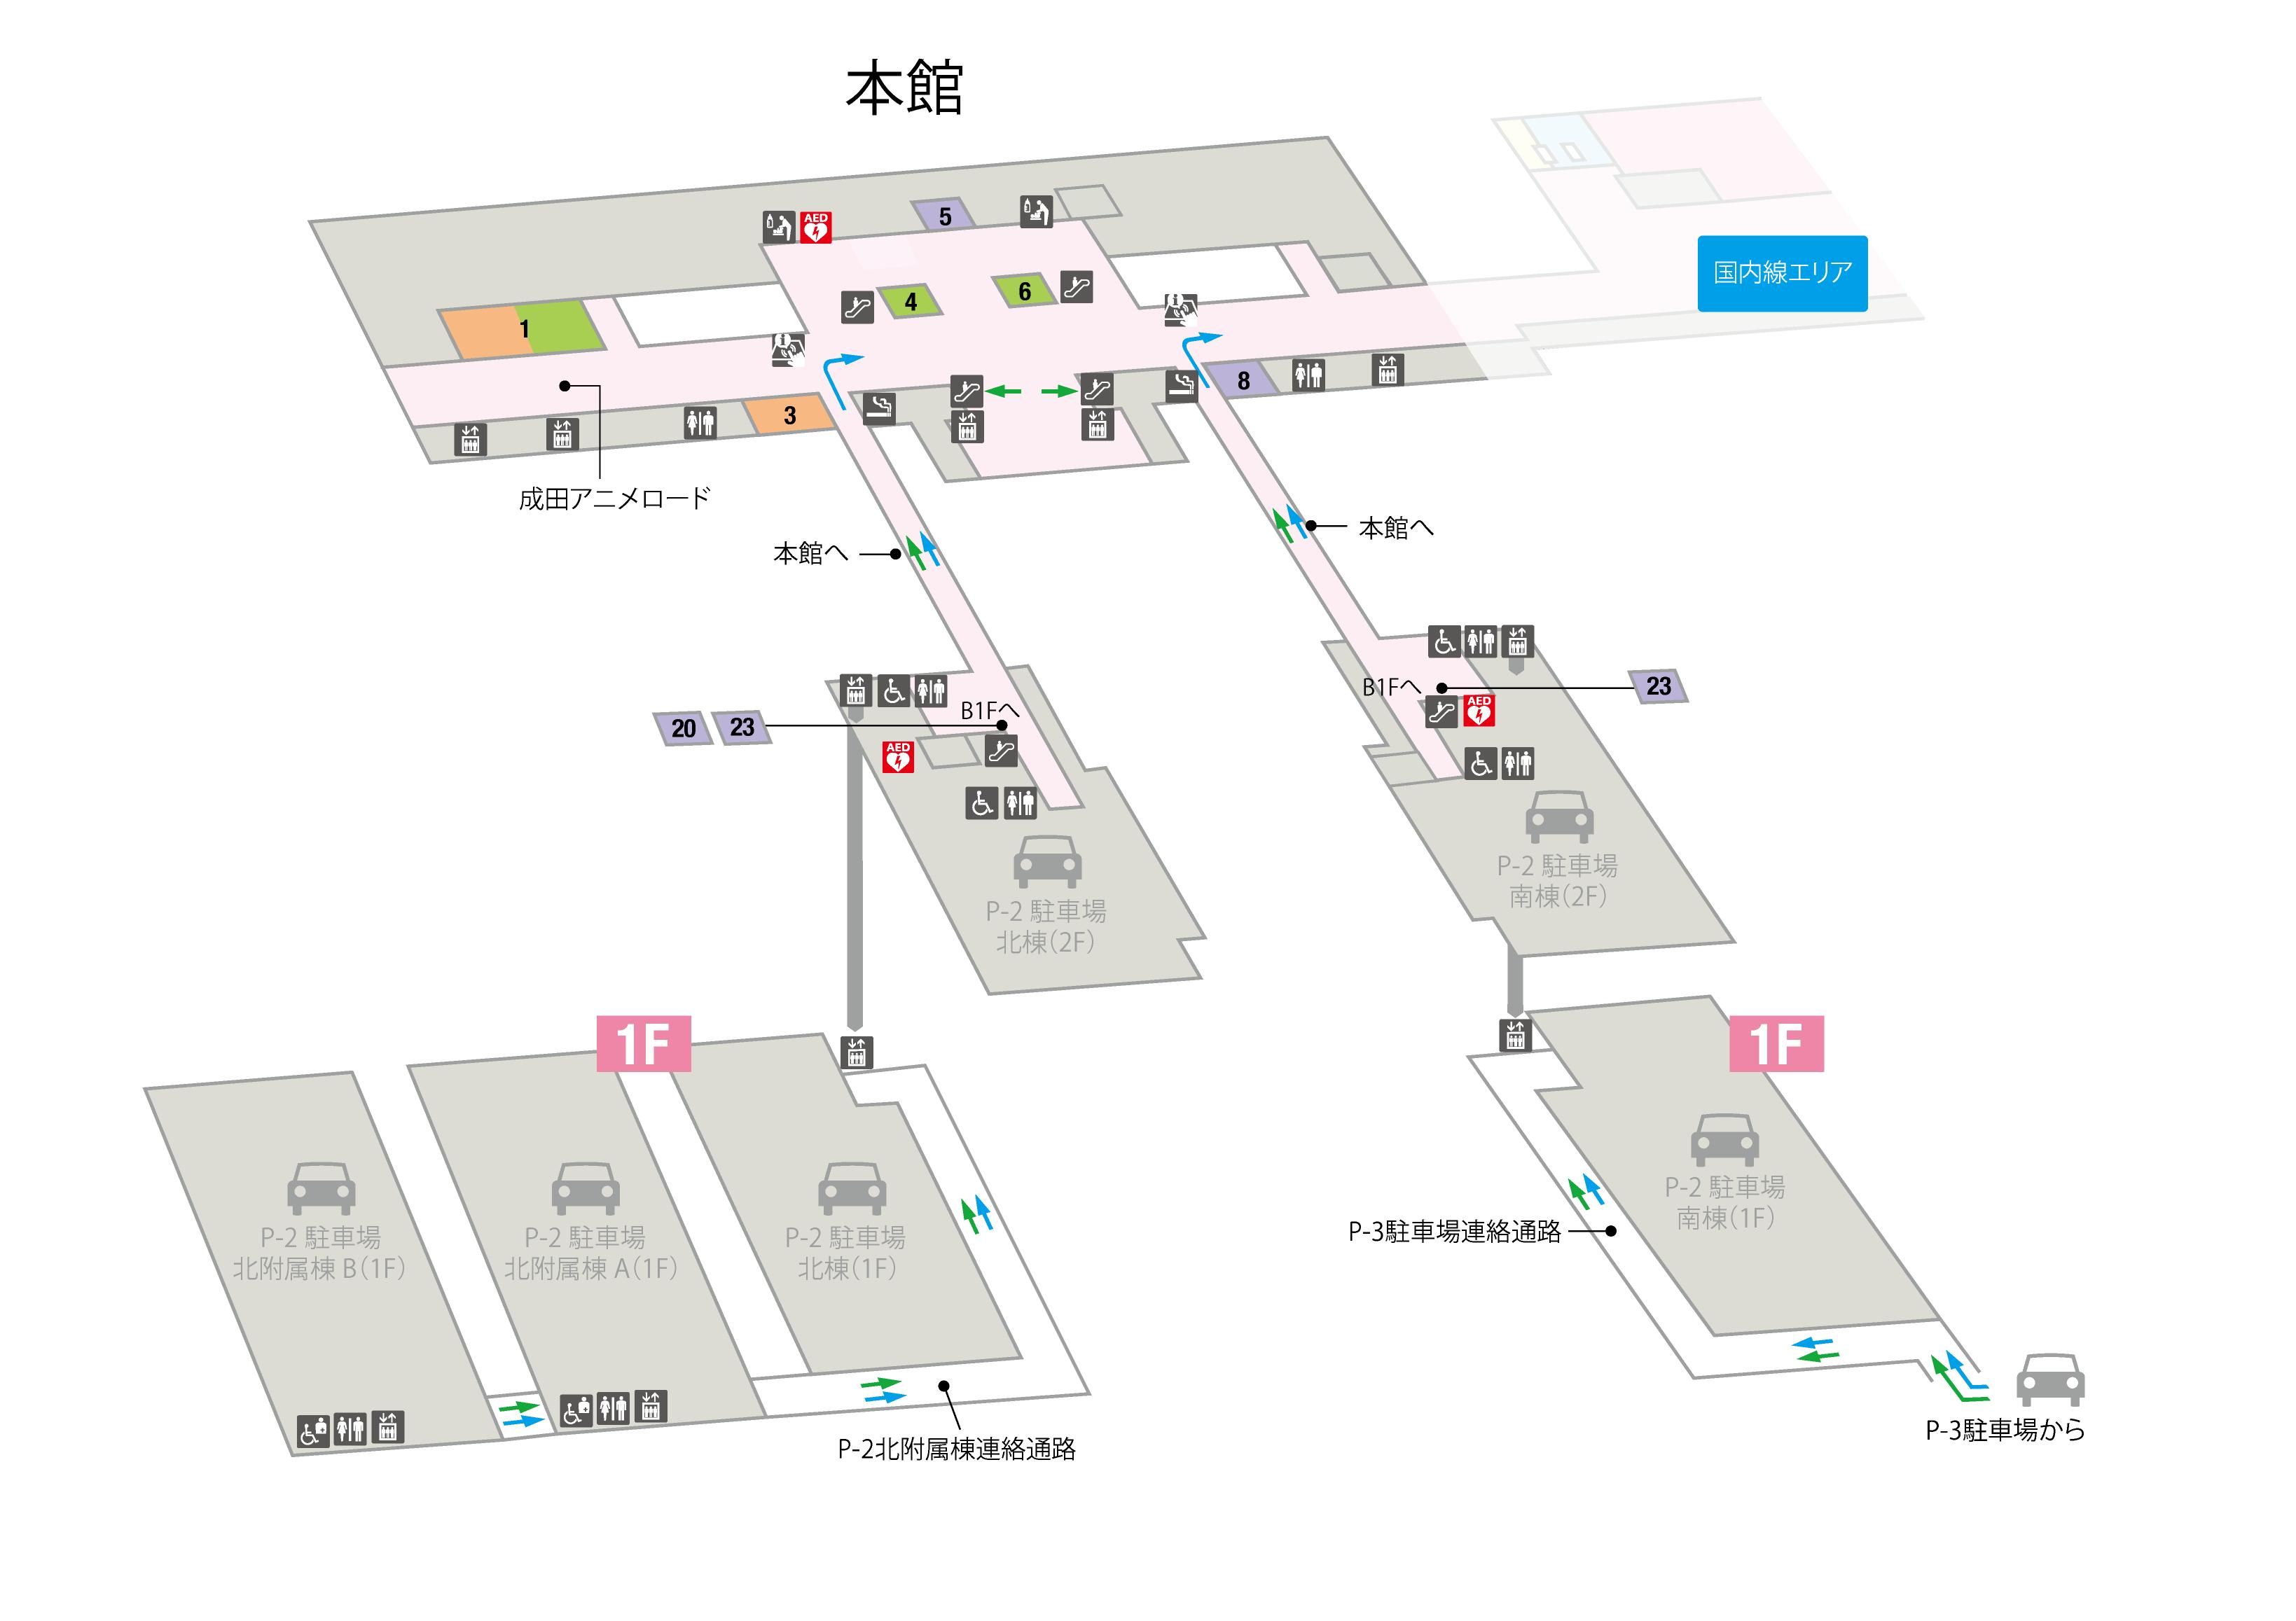 木更津アウトレット フロアマップ